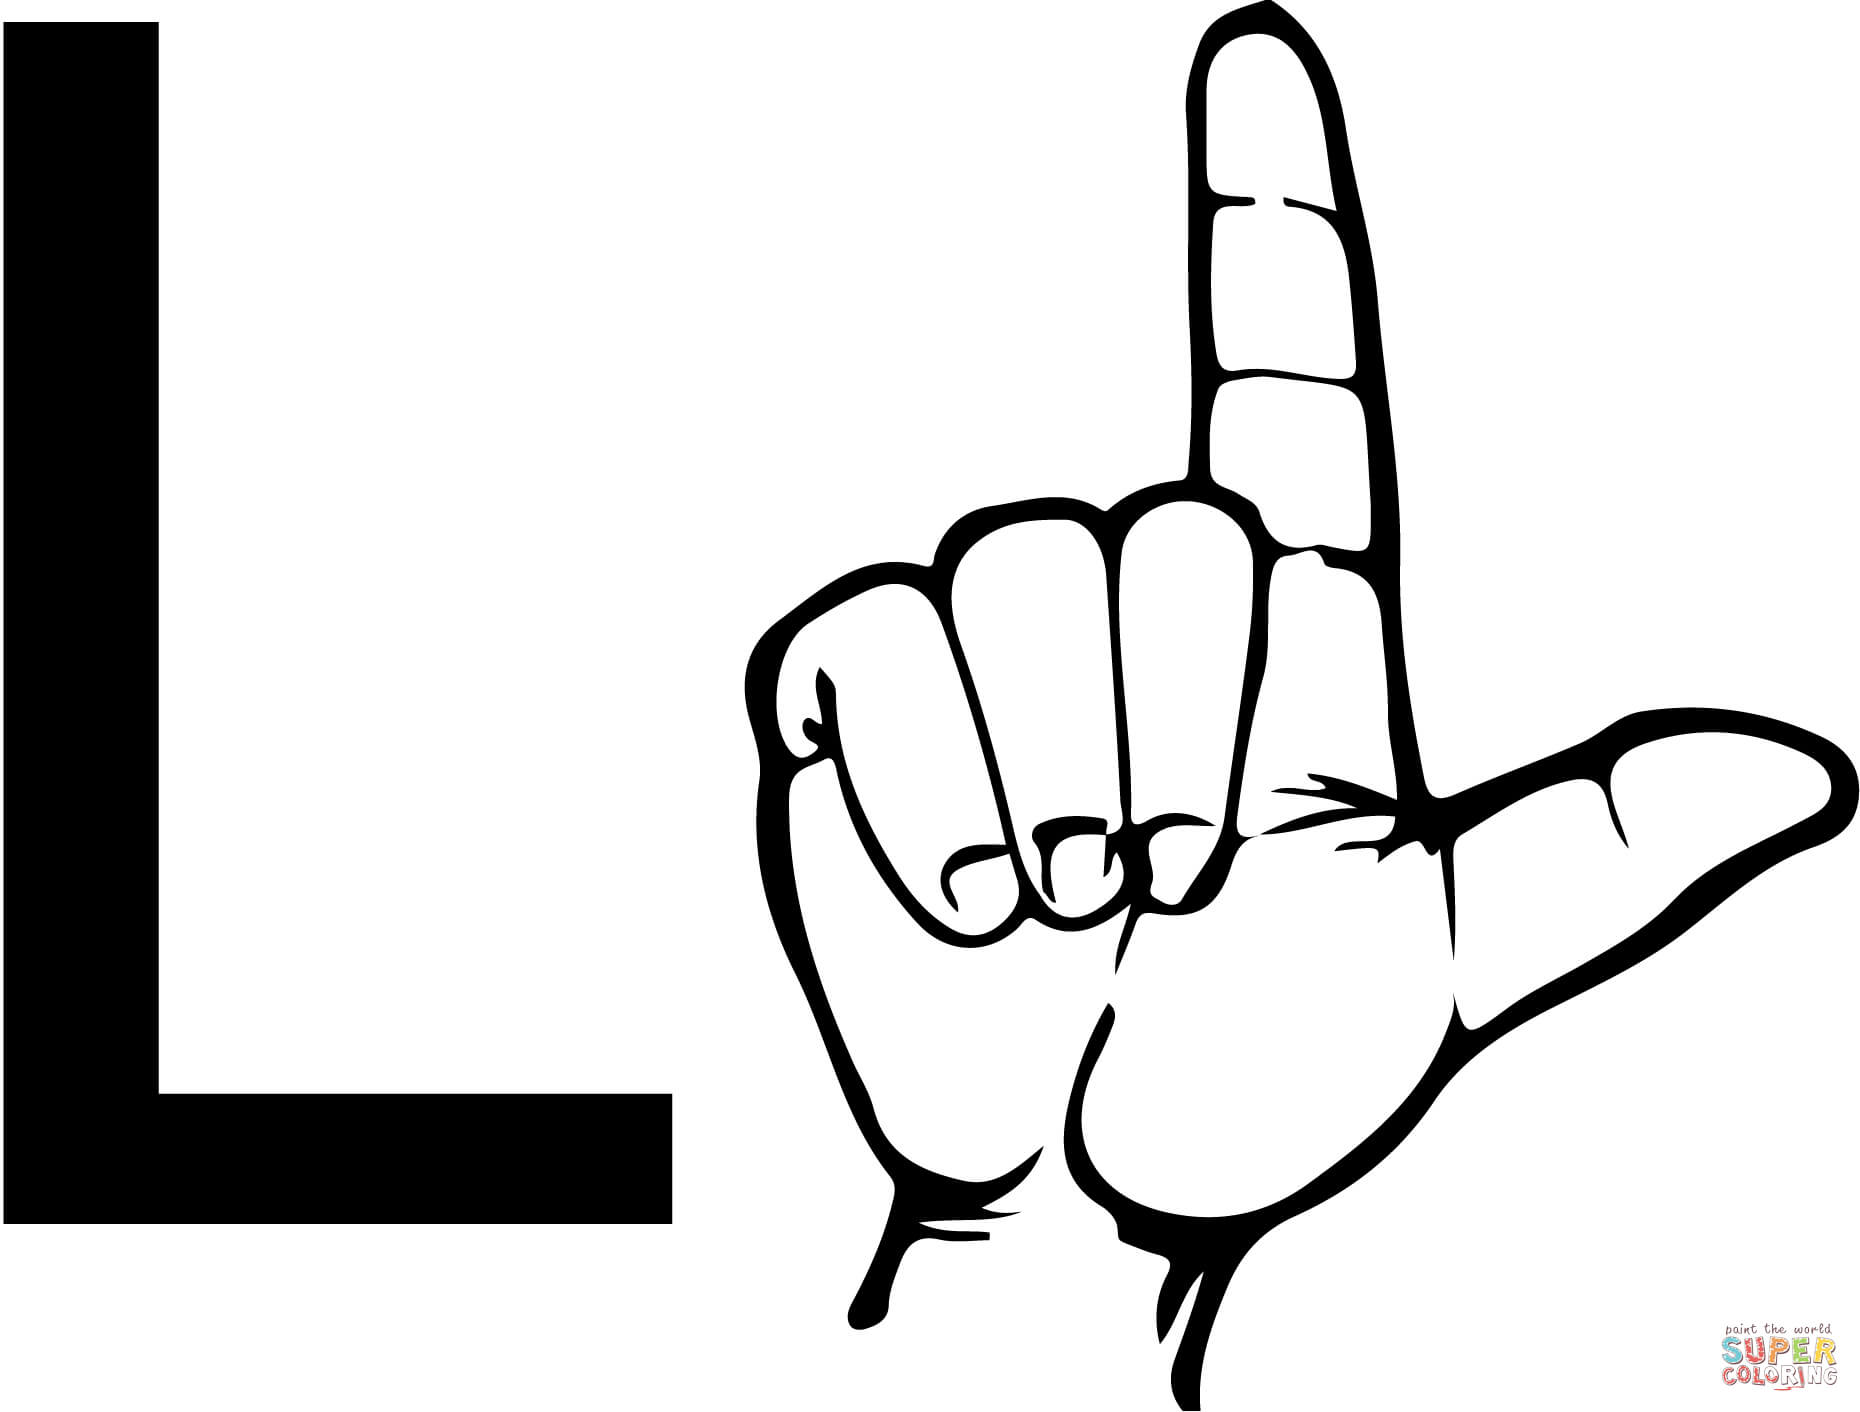 Sign language clipart letter l picture transparent stock Sign language clipart letter l - ClipartFest picture transparent stock